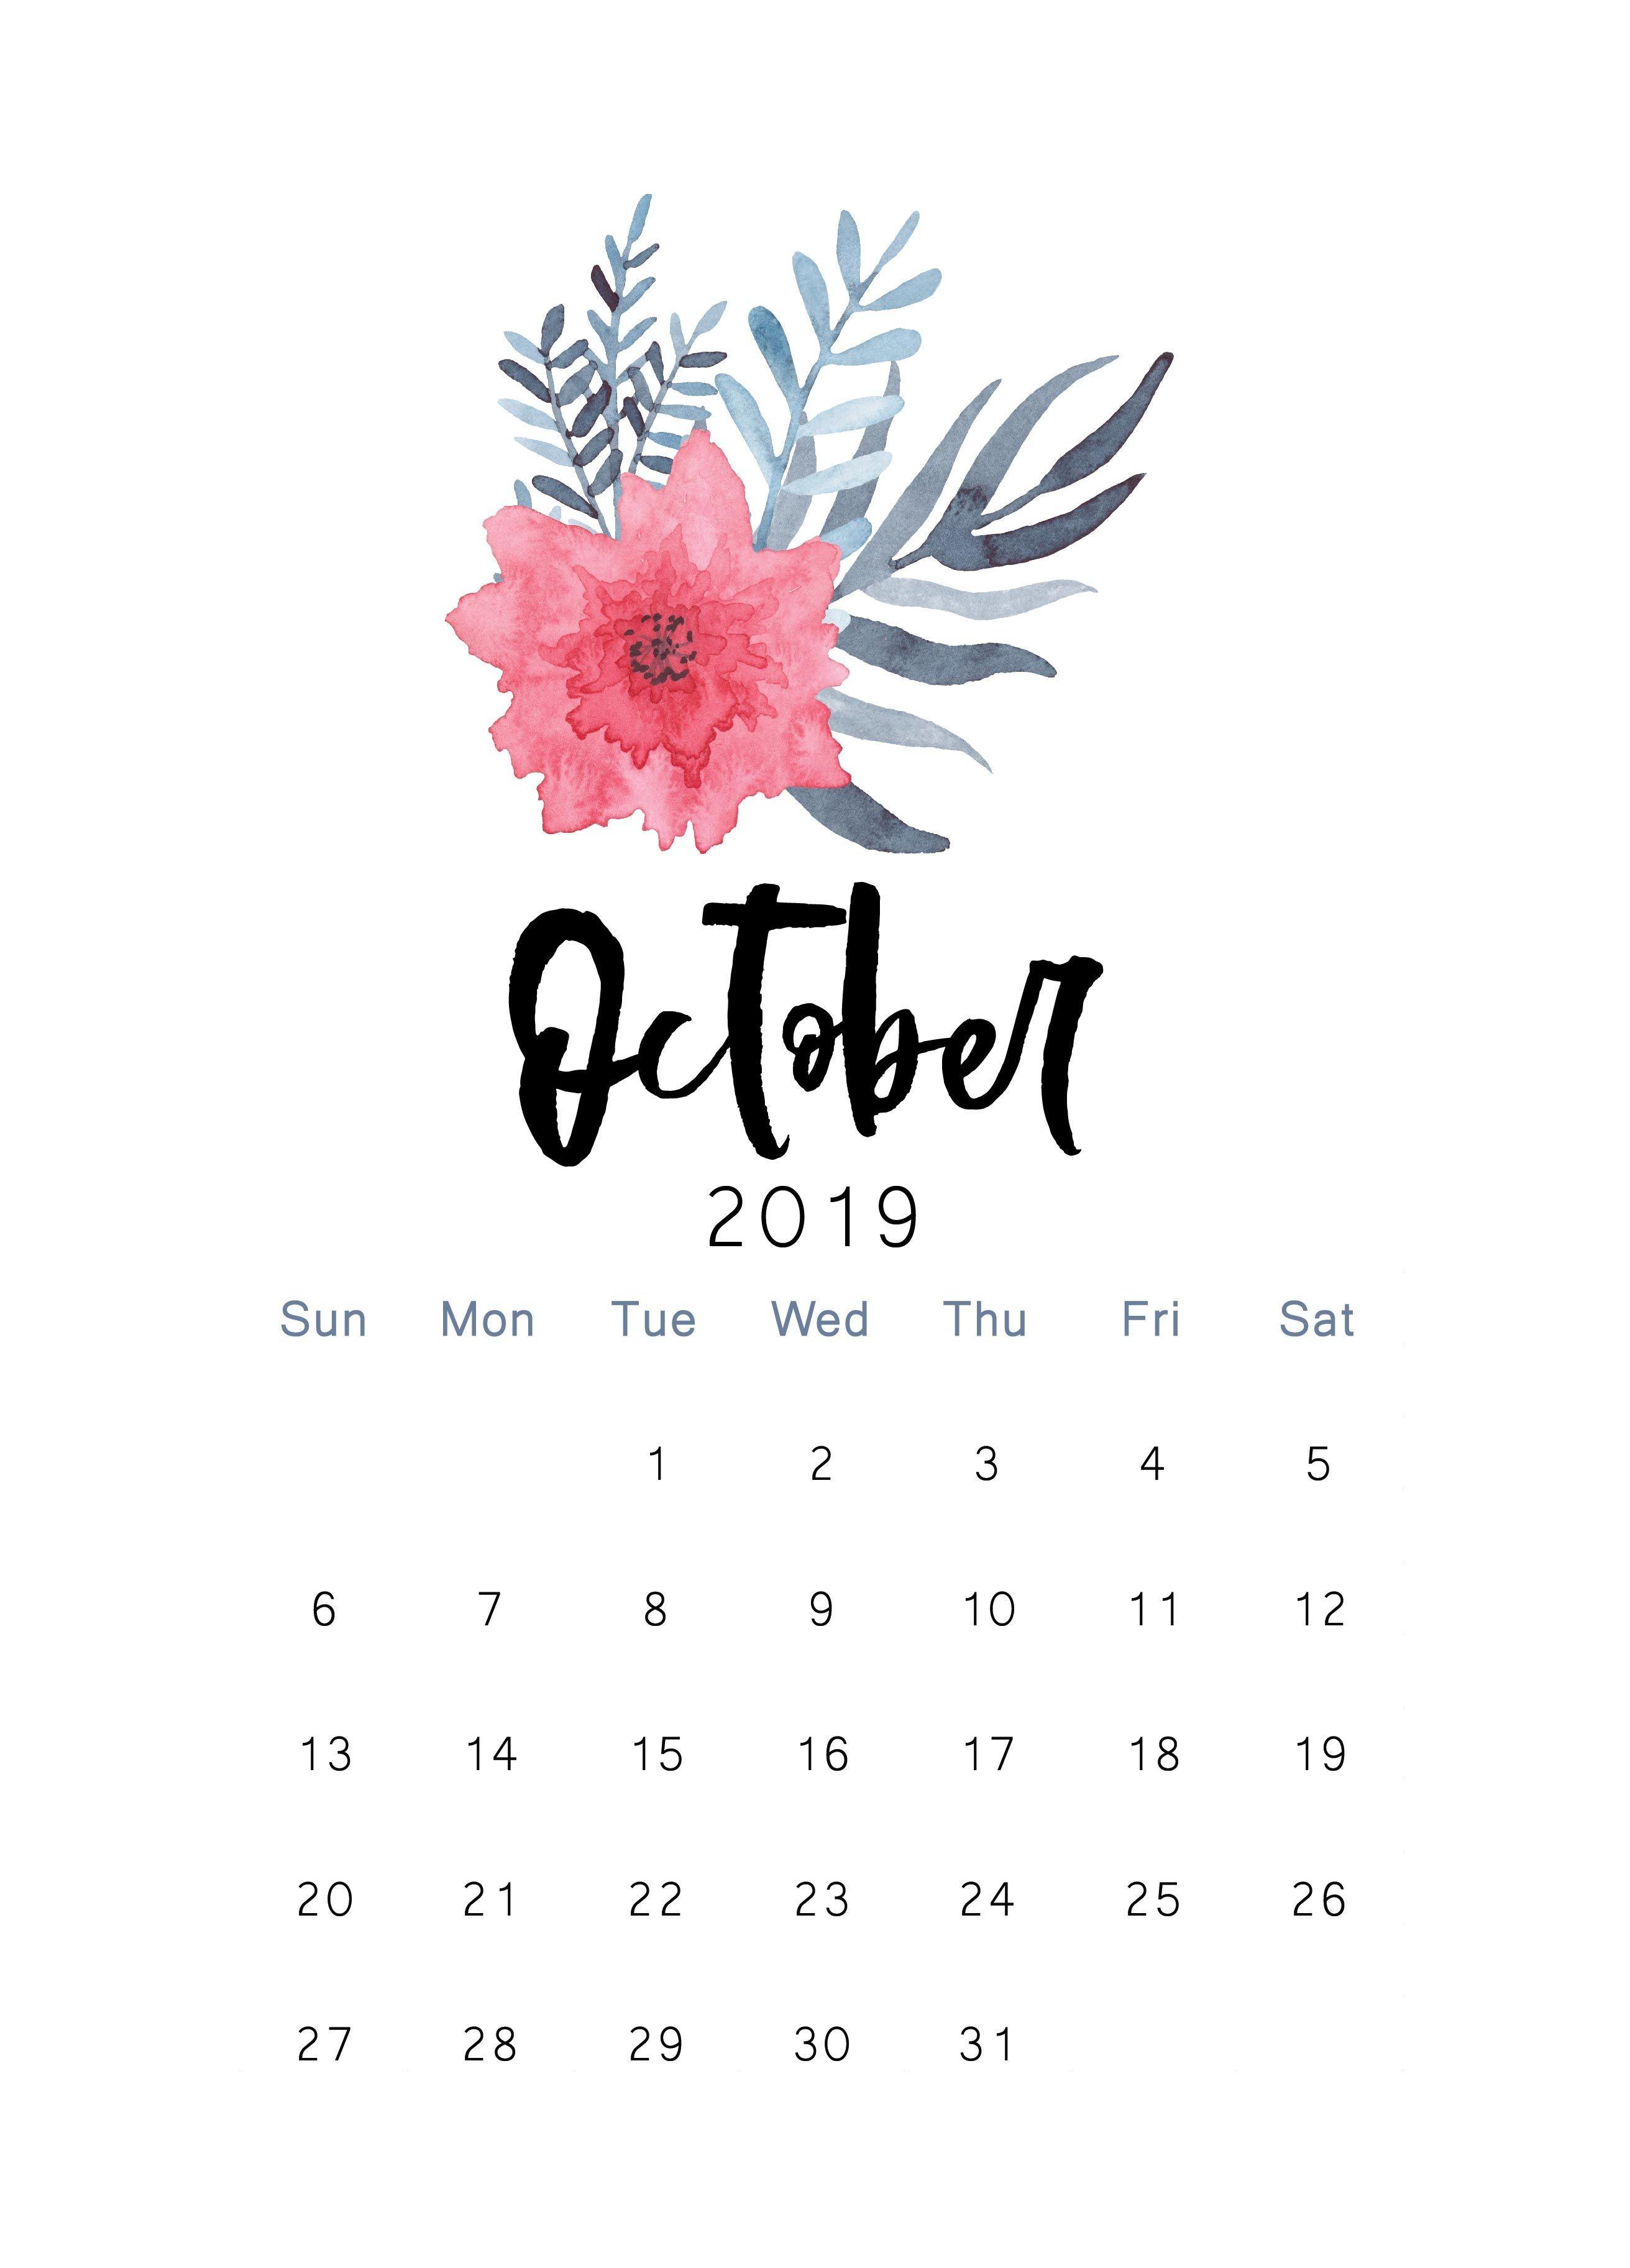 Calendario 2019 Imprimir A4 Más Populares Free 2019 Printable Calendar Col Of Calendario 2019 Imprimir A4 Más Caliente Details